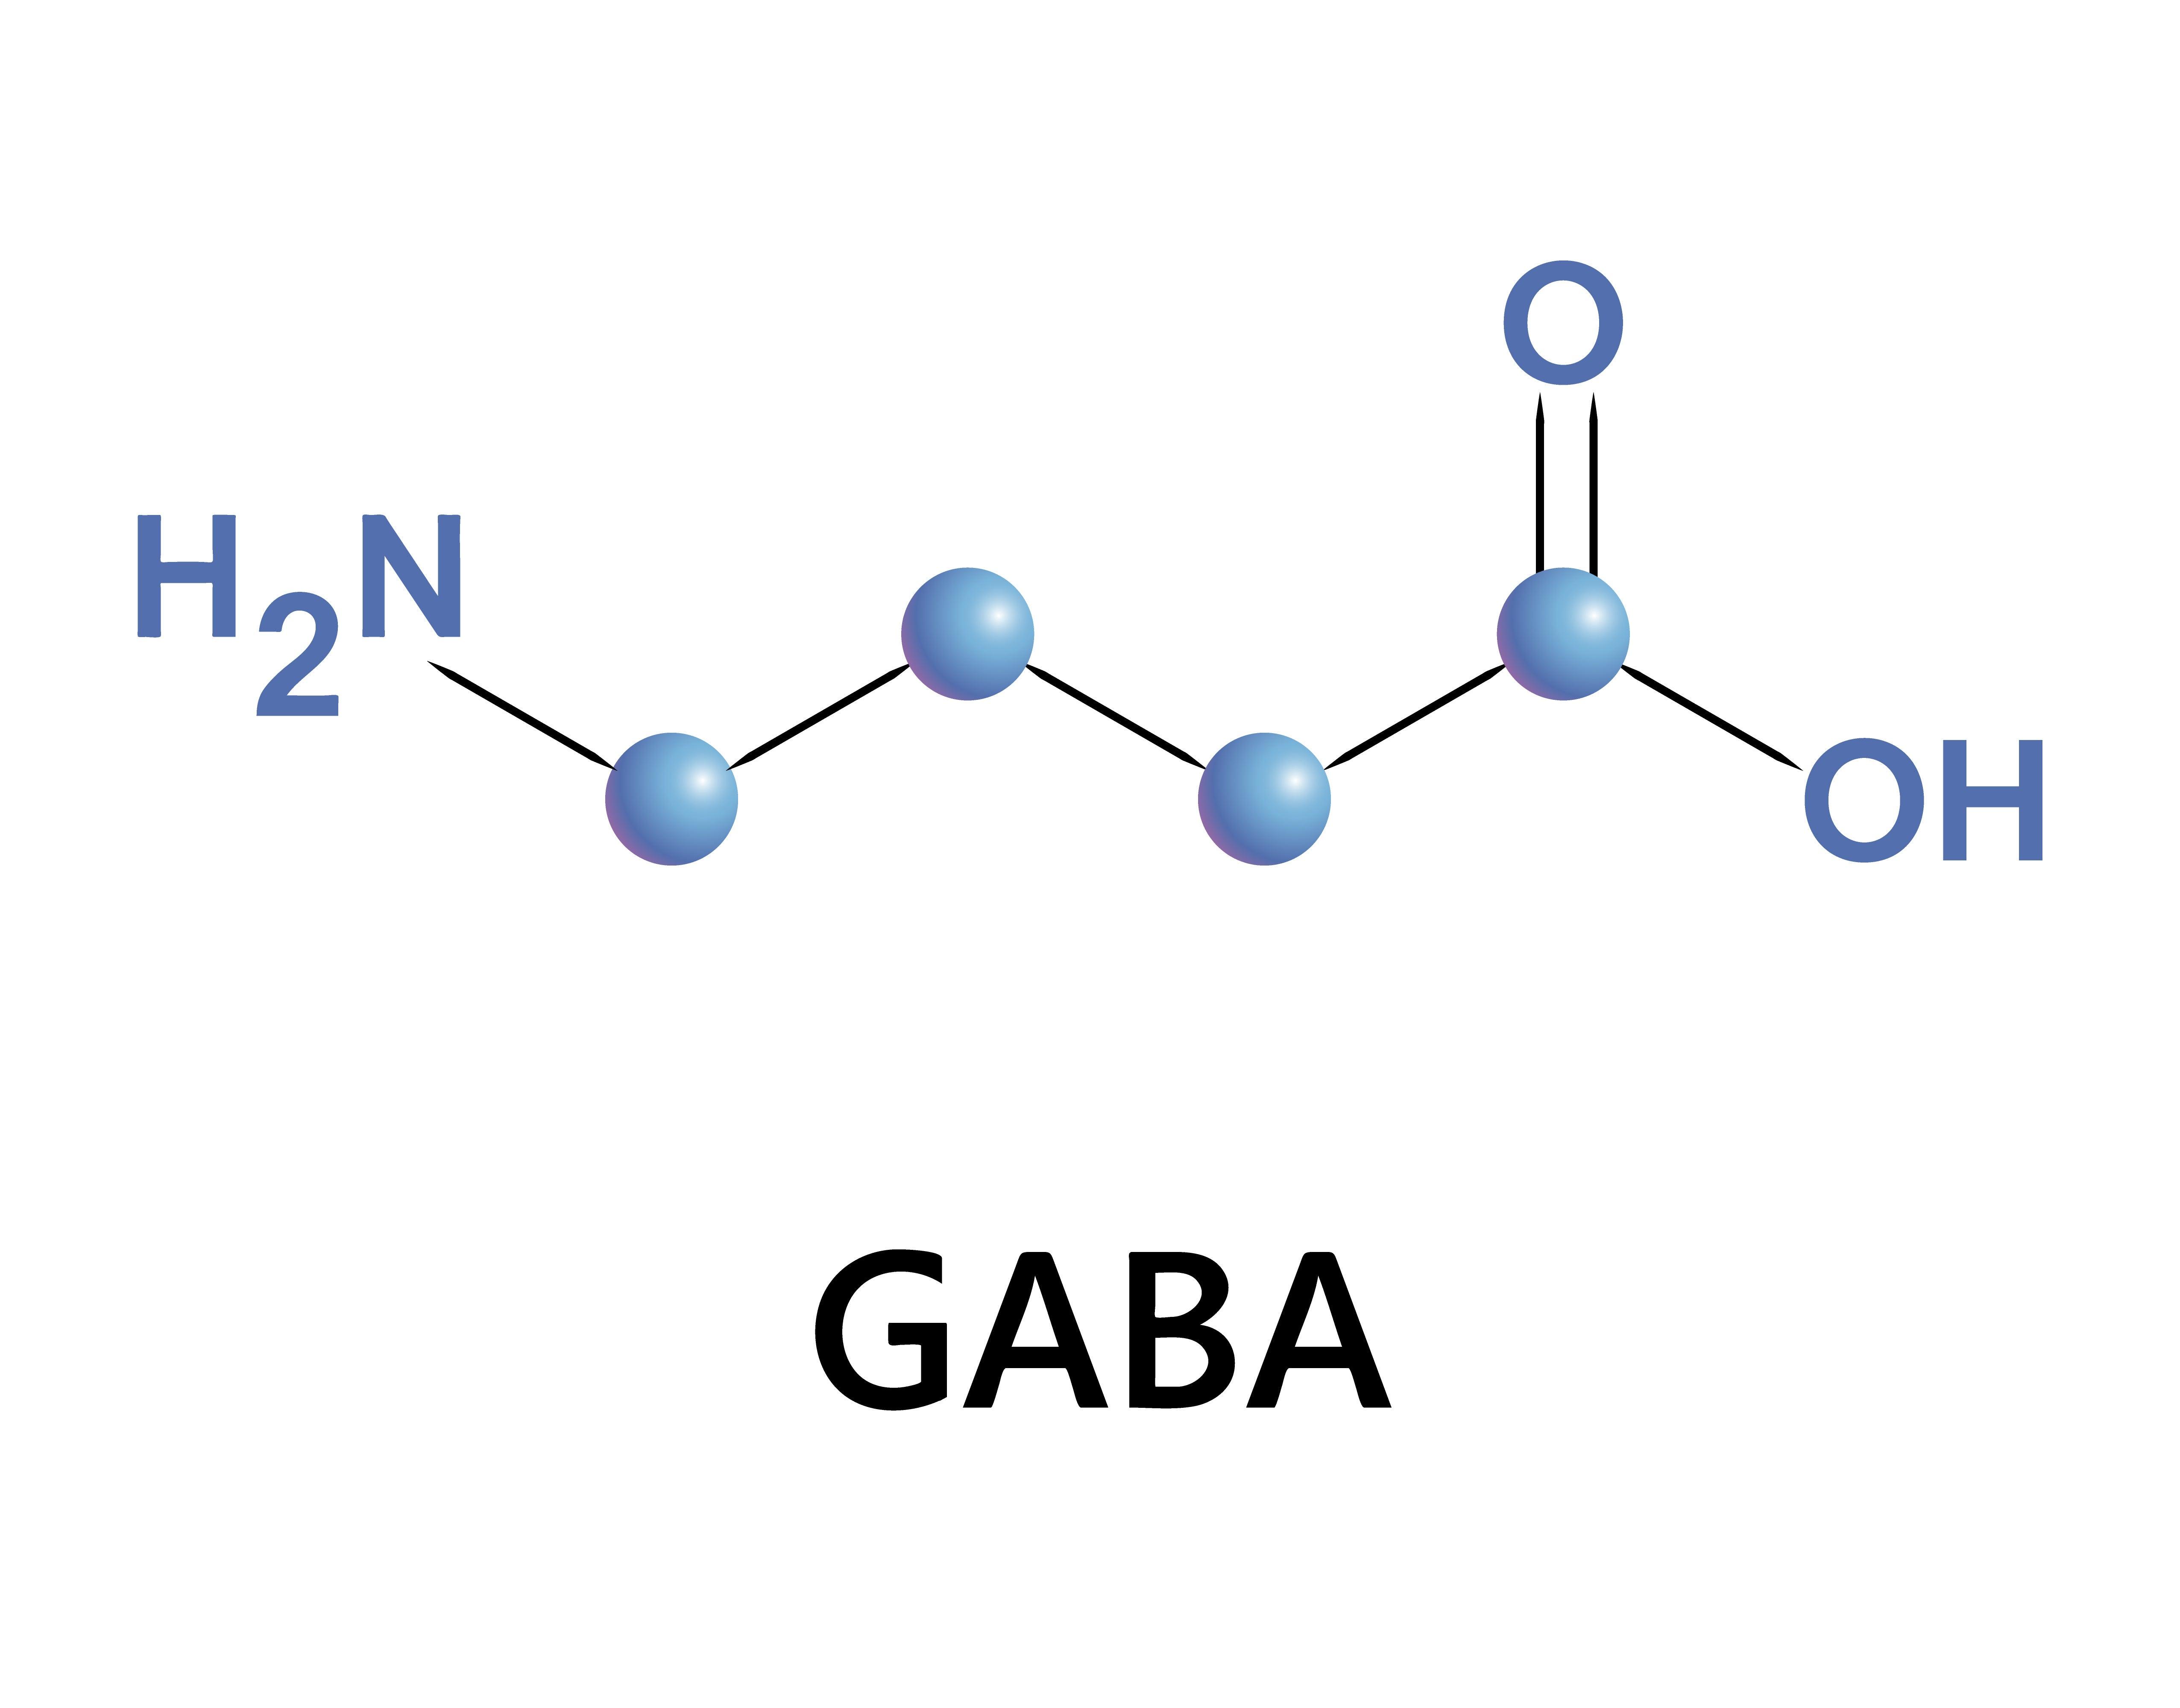 fórmula del GABA, análogo del GHB